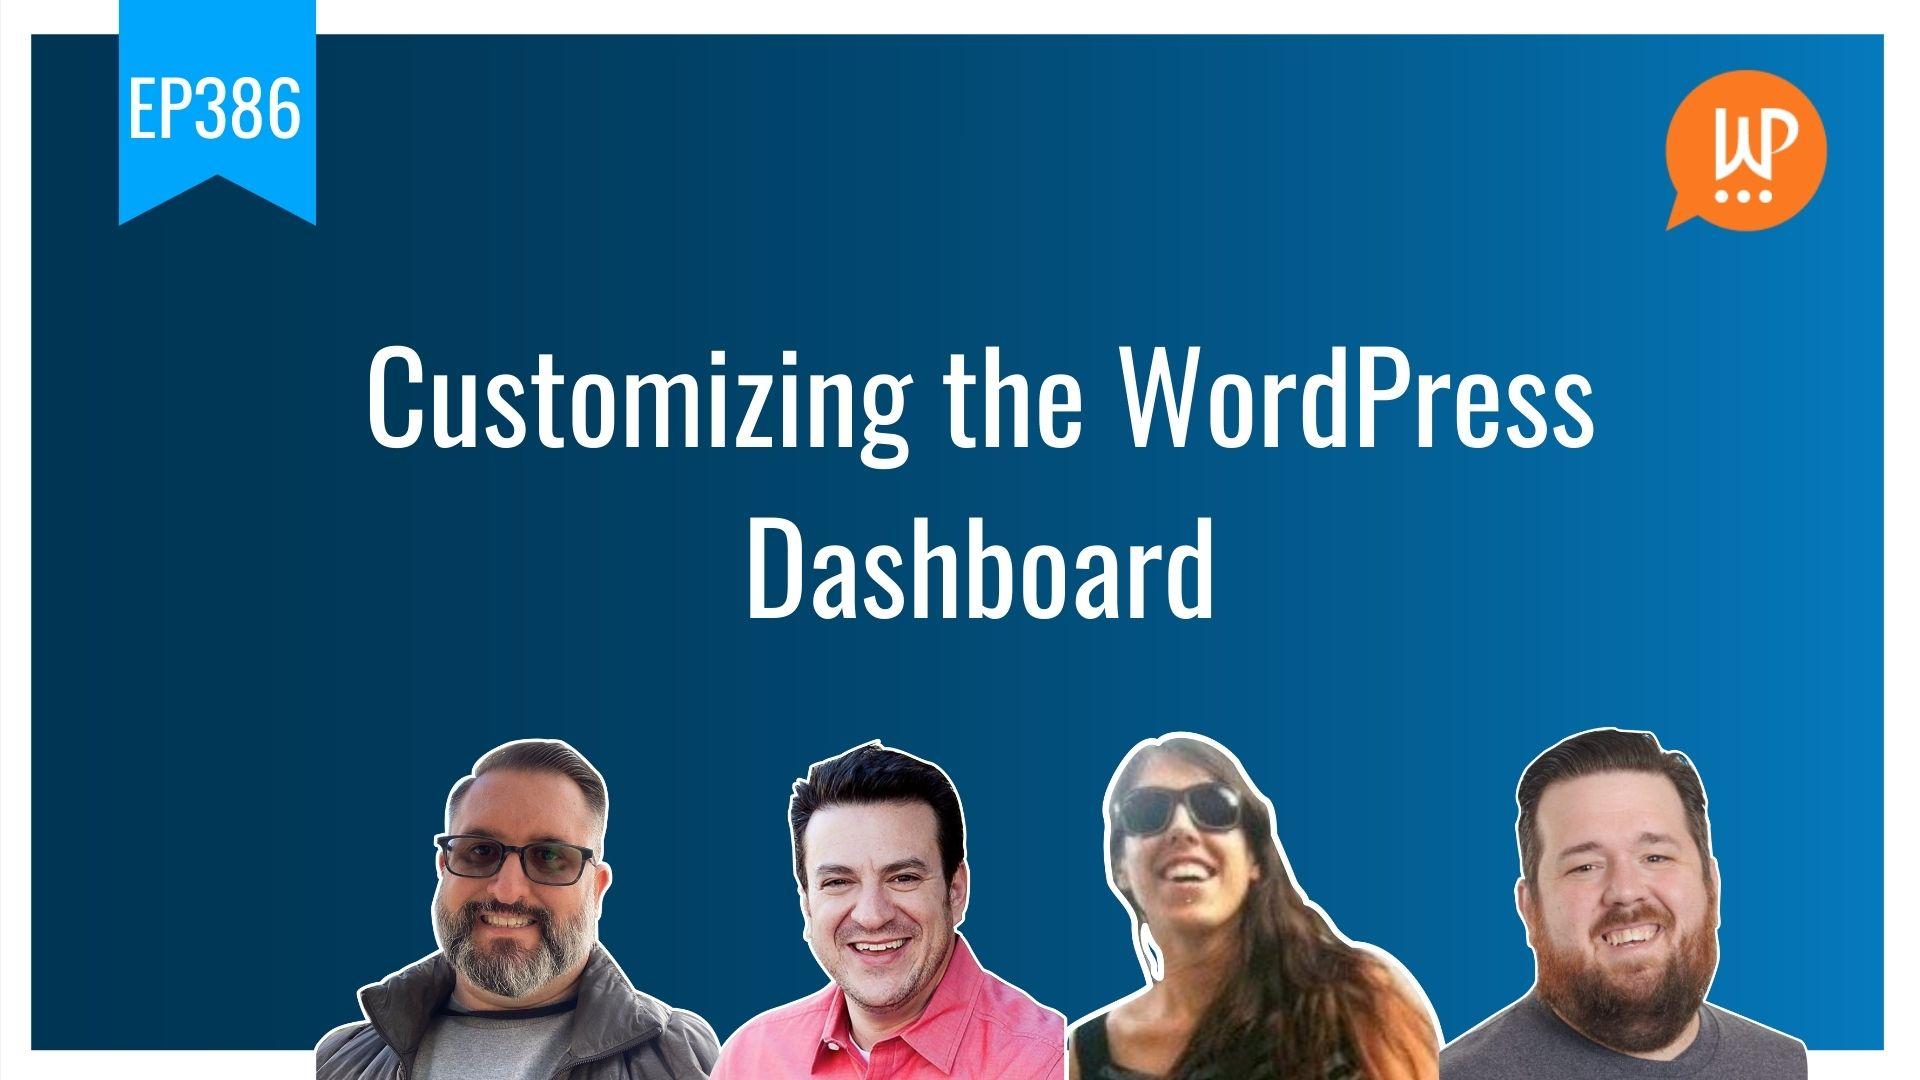 EP386 Customizing the WordPress dashboard